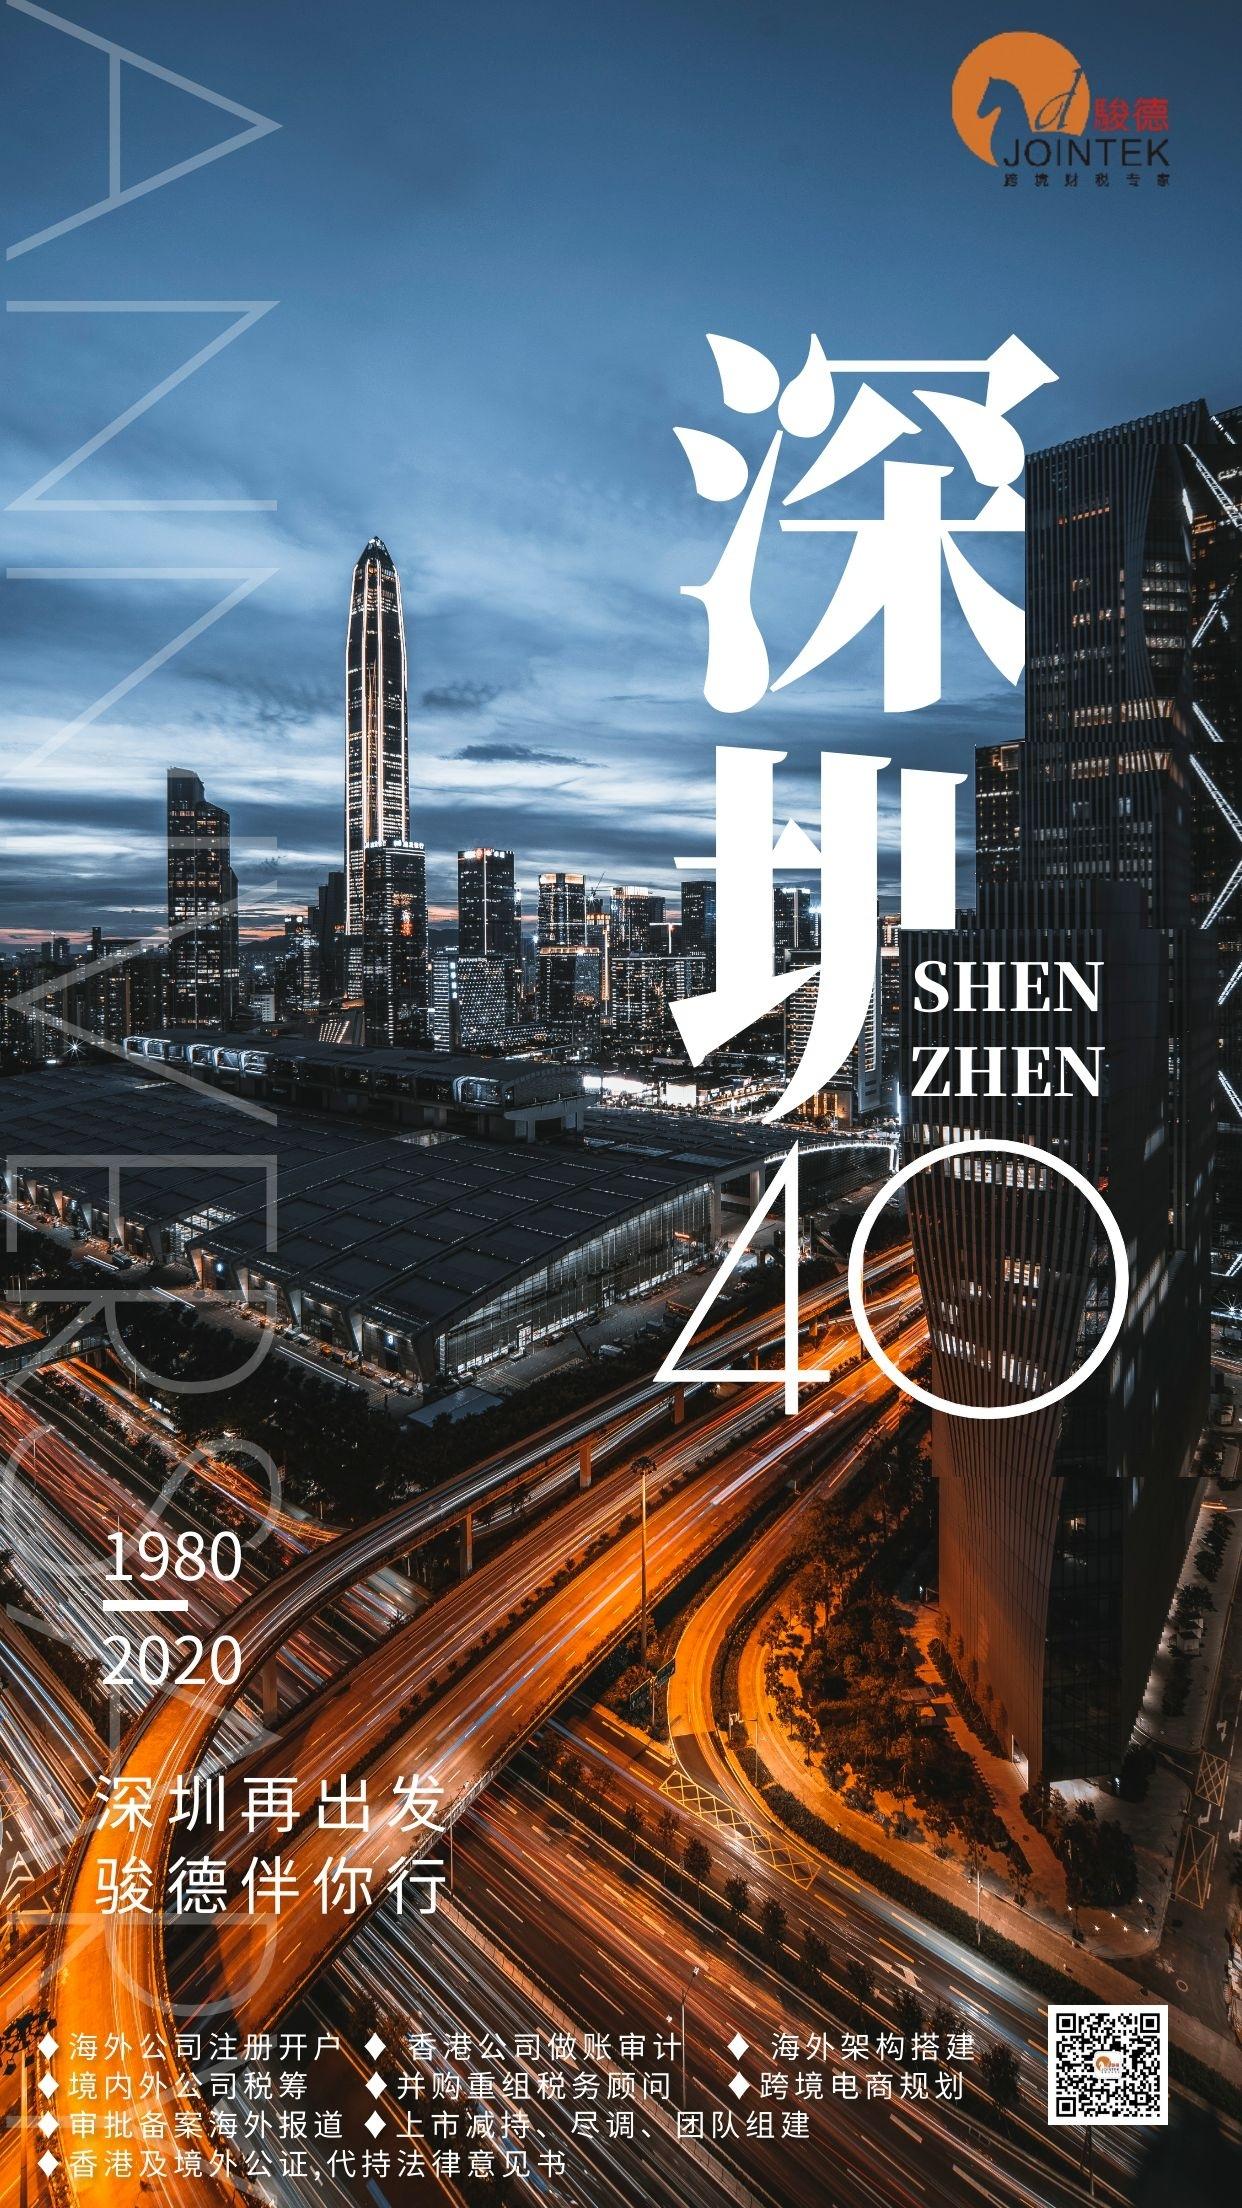 第十六期线上直播 | 香港公司最新税务信息和农业银行跨境企业优惠政策的知识都在这里